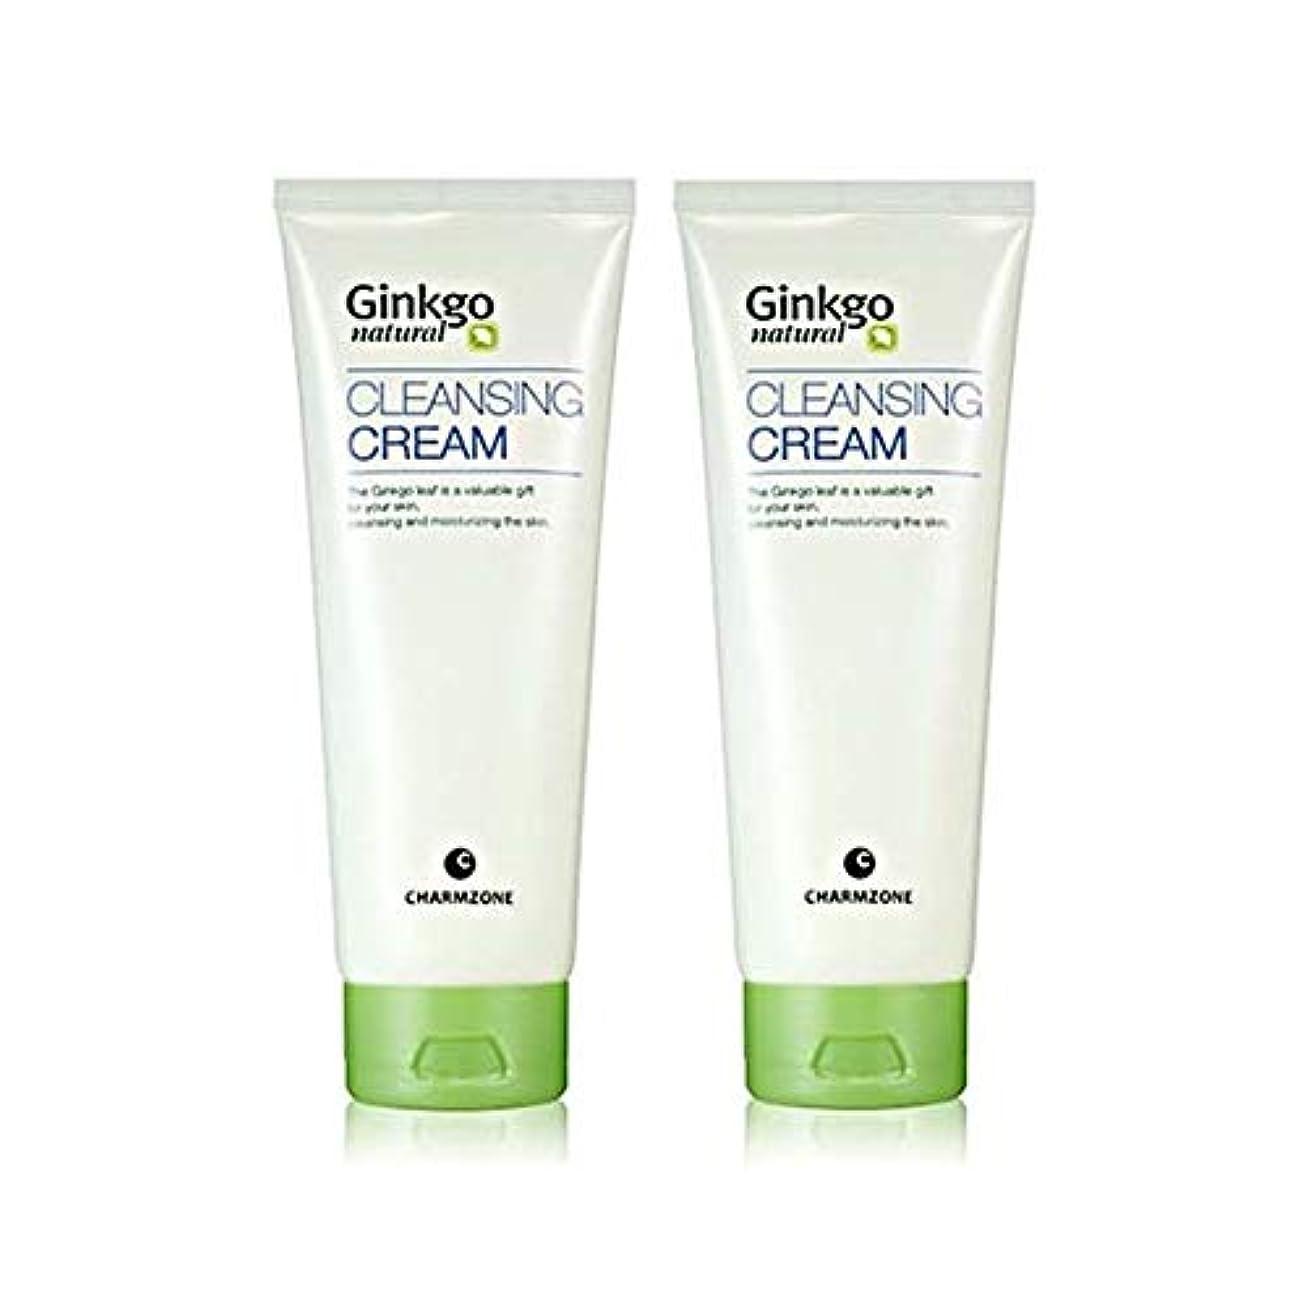 悪因子事故手がかりチャムジョンジンコナチュラルクレンジングクリーム200g x 2本セットメーキャップクレンジング、Charmzone Ginkgo Natural Cleansing Cream 200g x 2ea Set [並行輸入品]